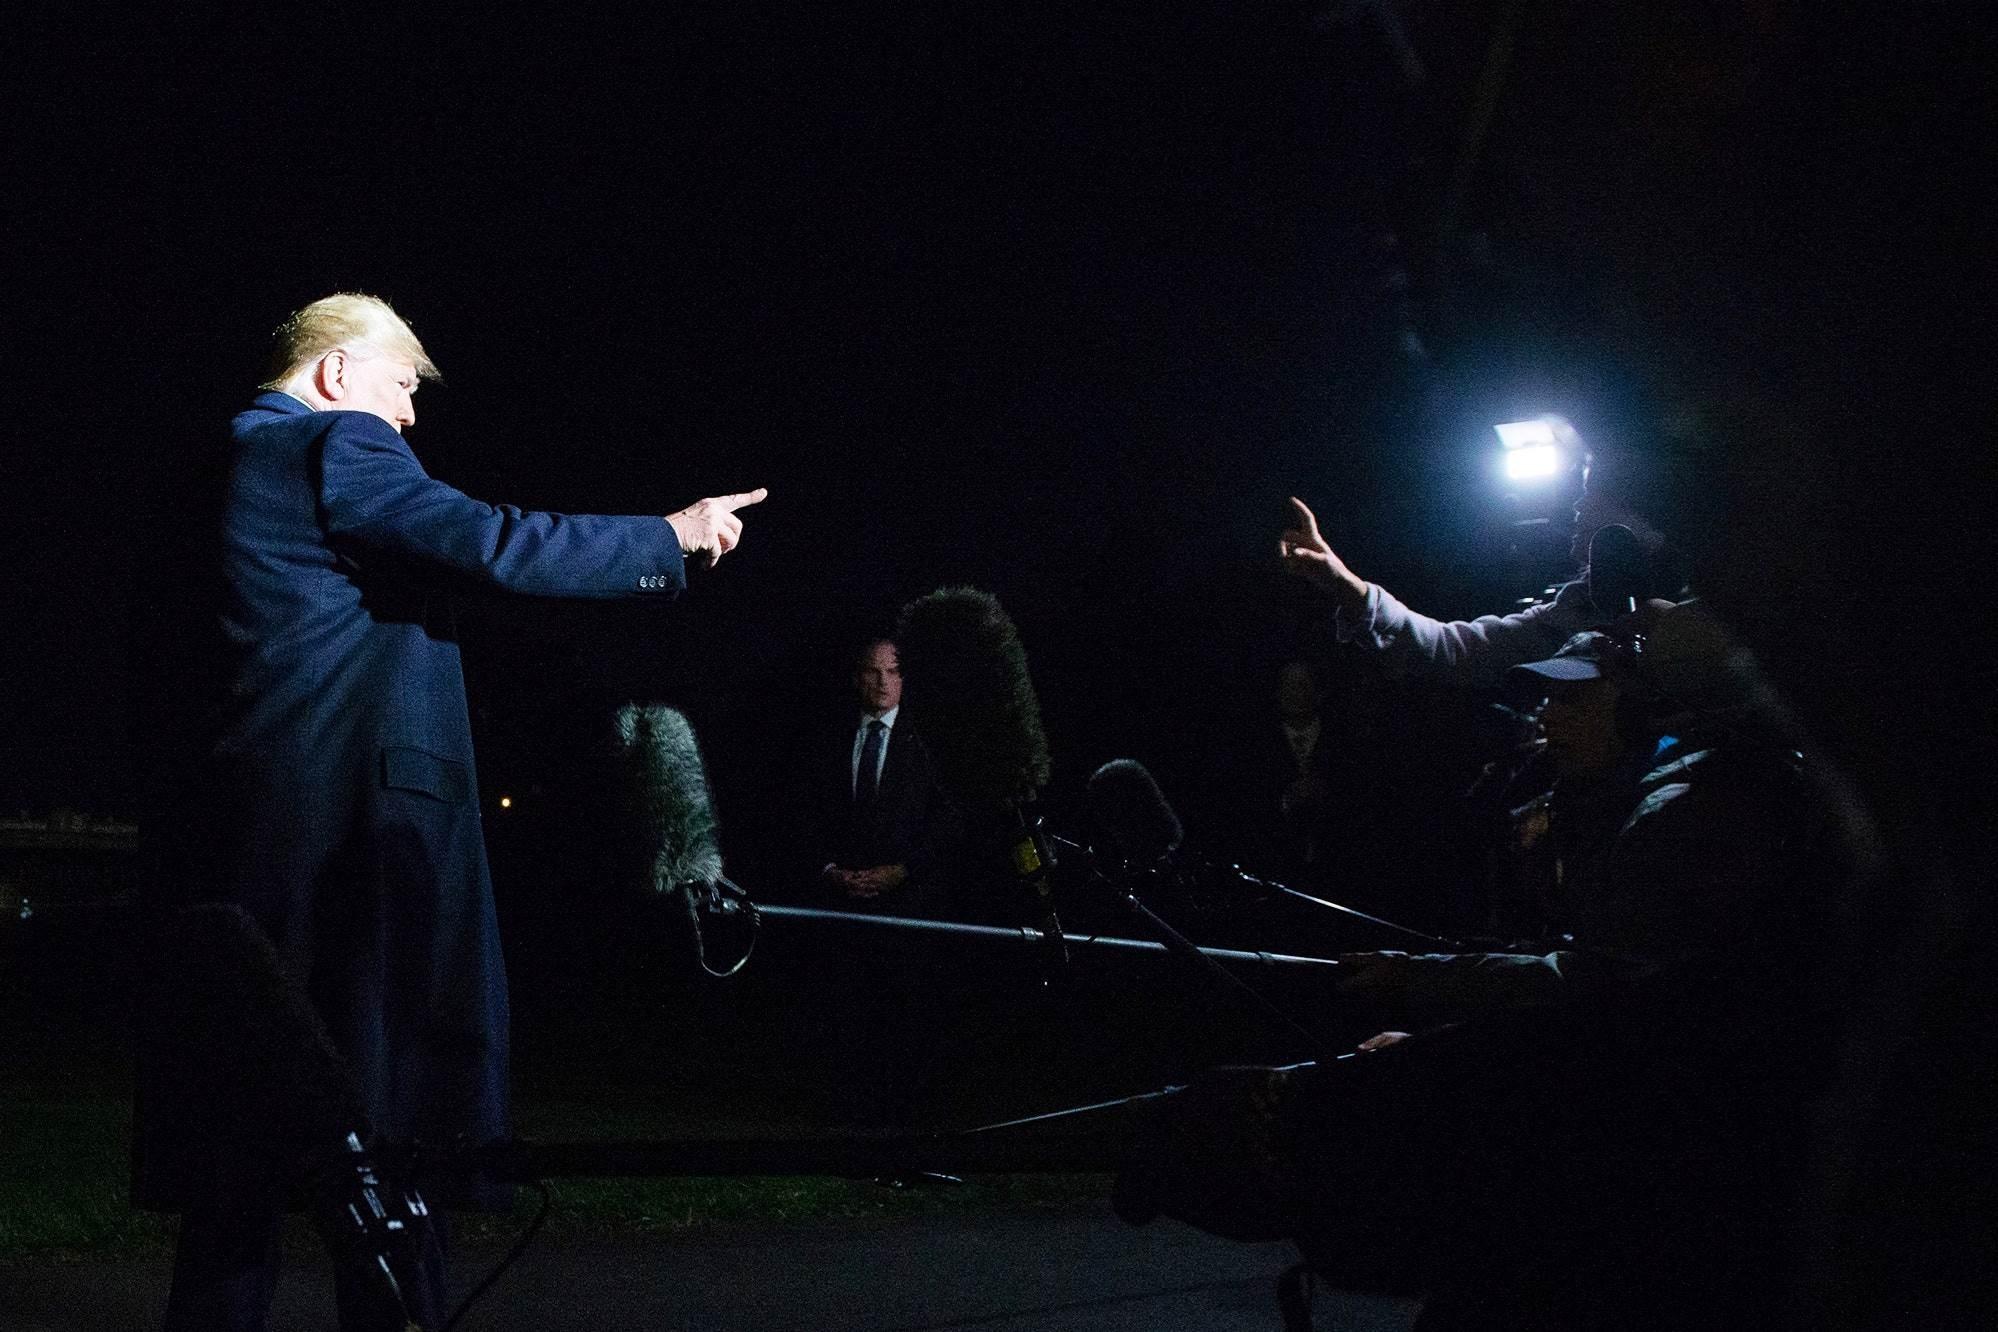 مدير الحملة الانتخابية لترامب: نائب الرئيس مايك بنس يستعد لاستئناف برنامج النشاطات الانتخابية كما هي